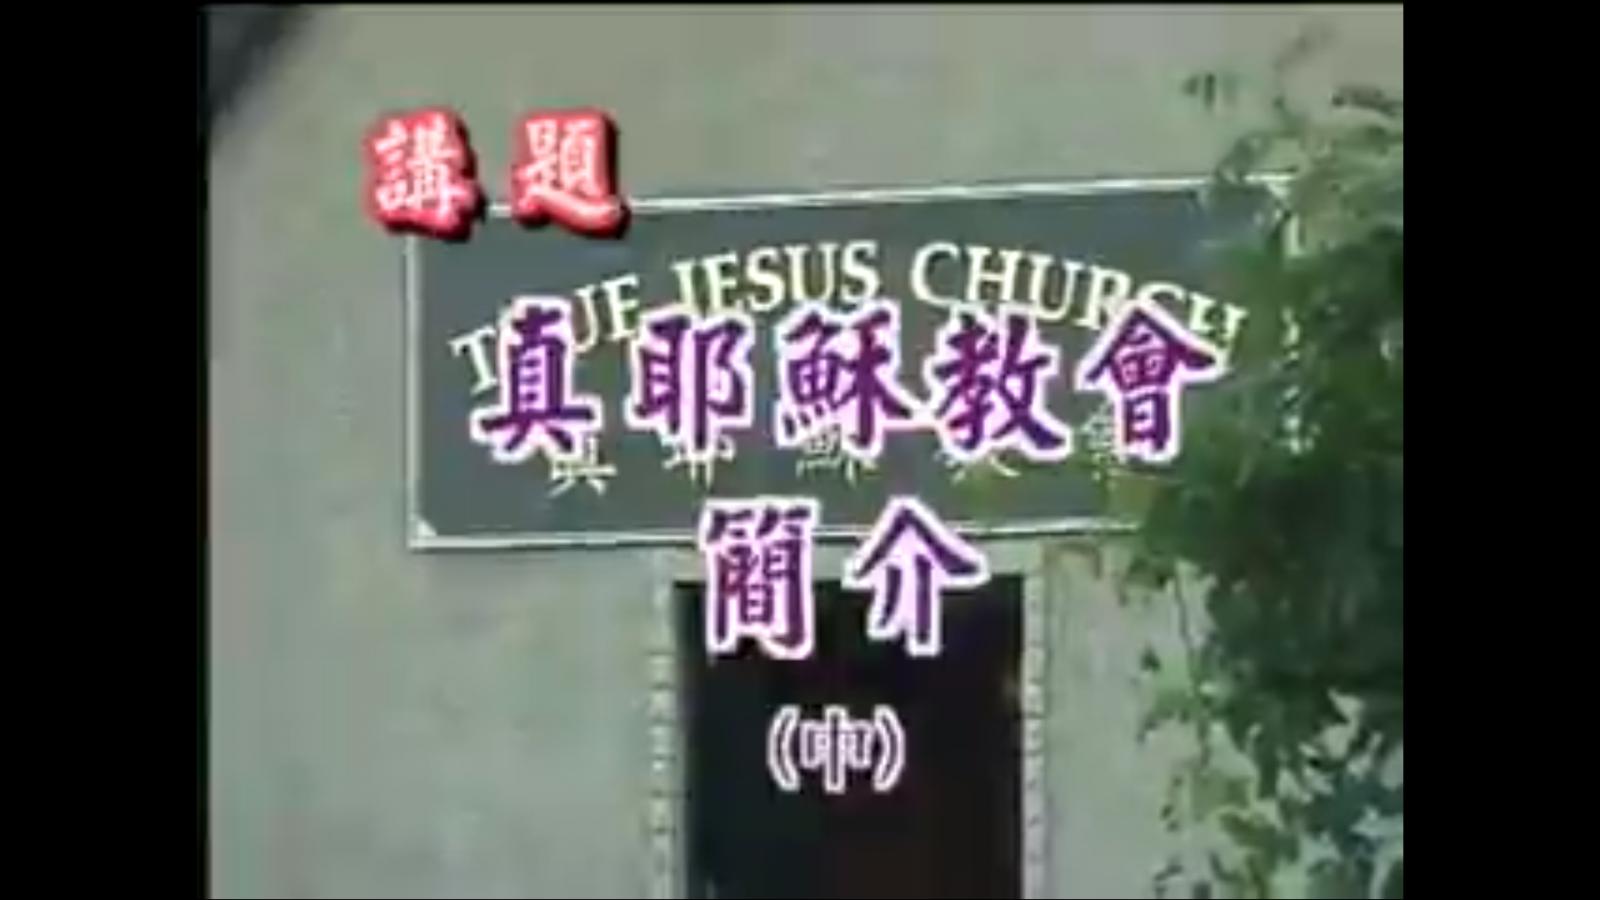 真耶穌教會簡介(中)